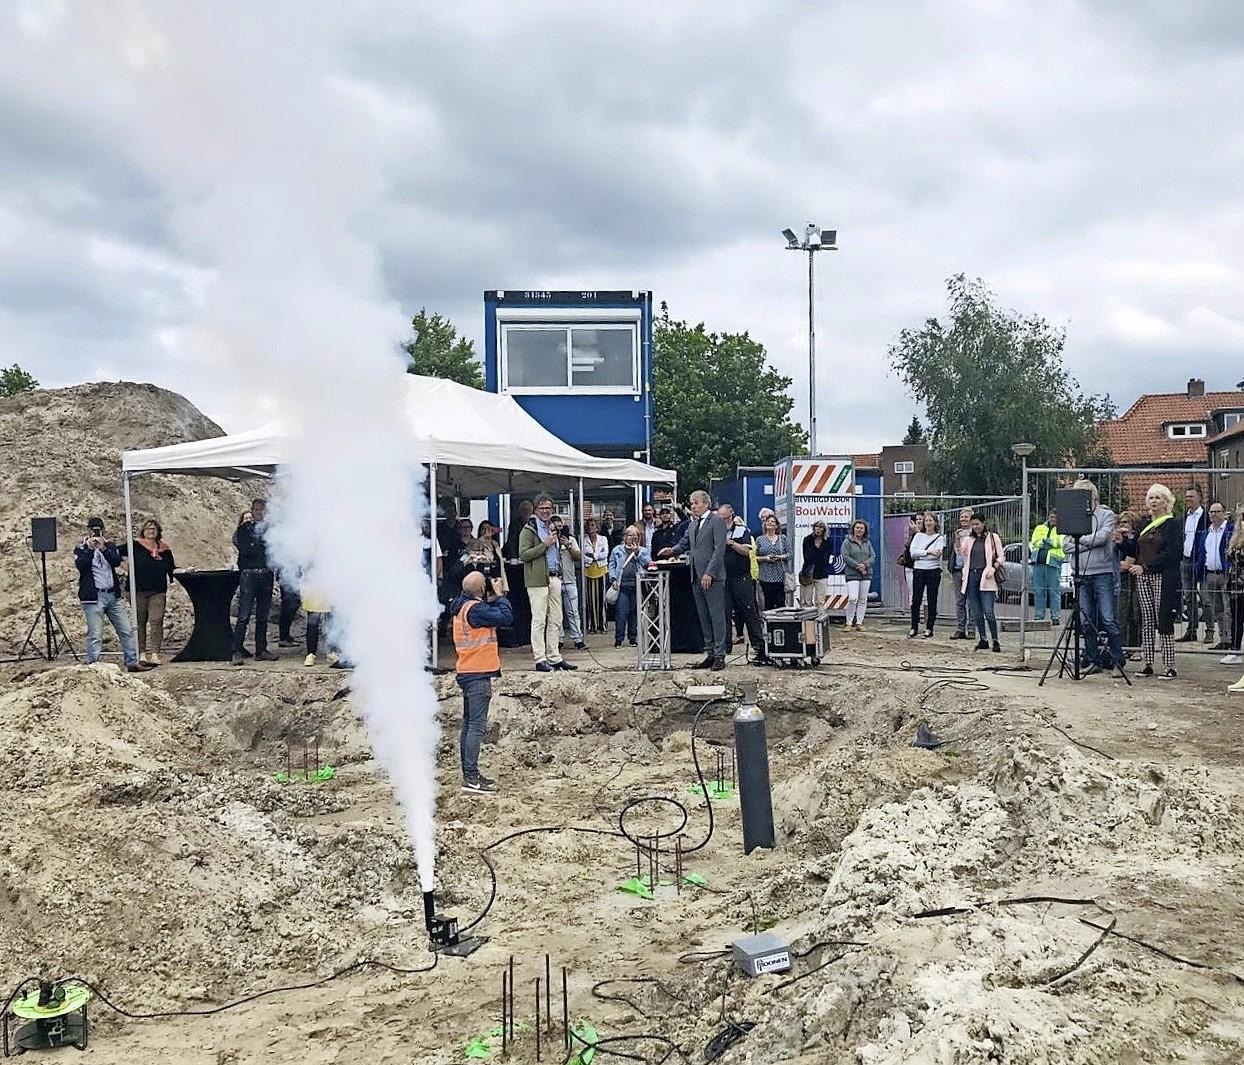 Inrichting van multifunctioneelcentrum Keverdijk in Naarden valt met ruim vier ton stuk duurder uit; Verkeerde inschatting en duurdere materialen